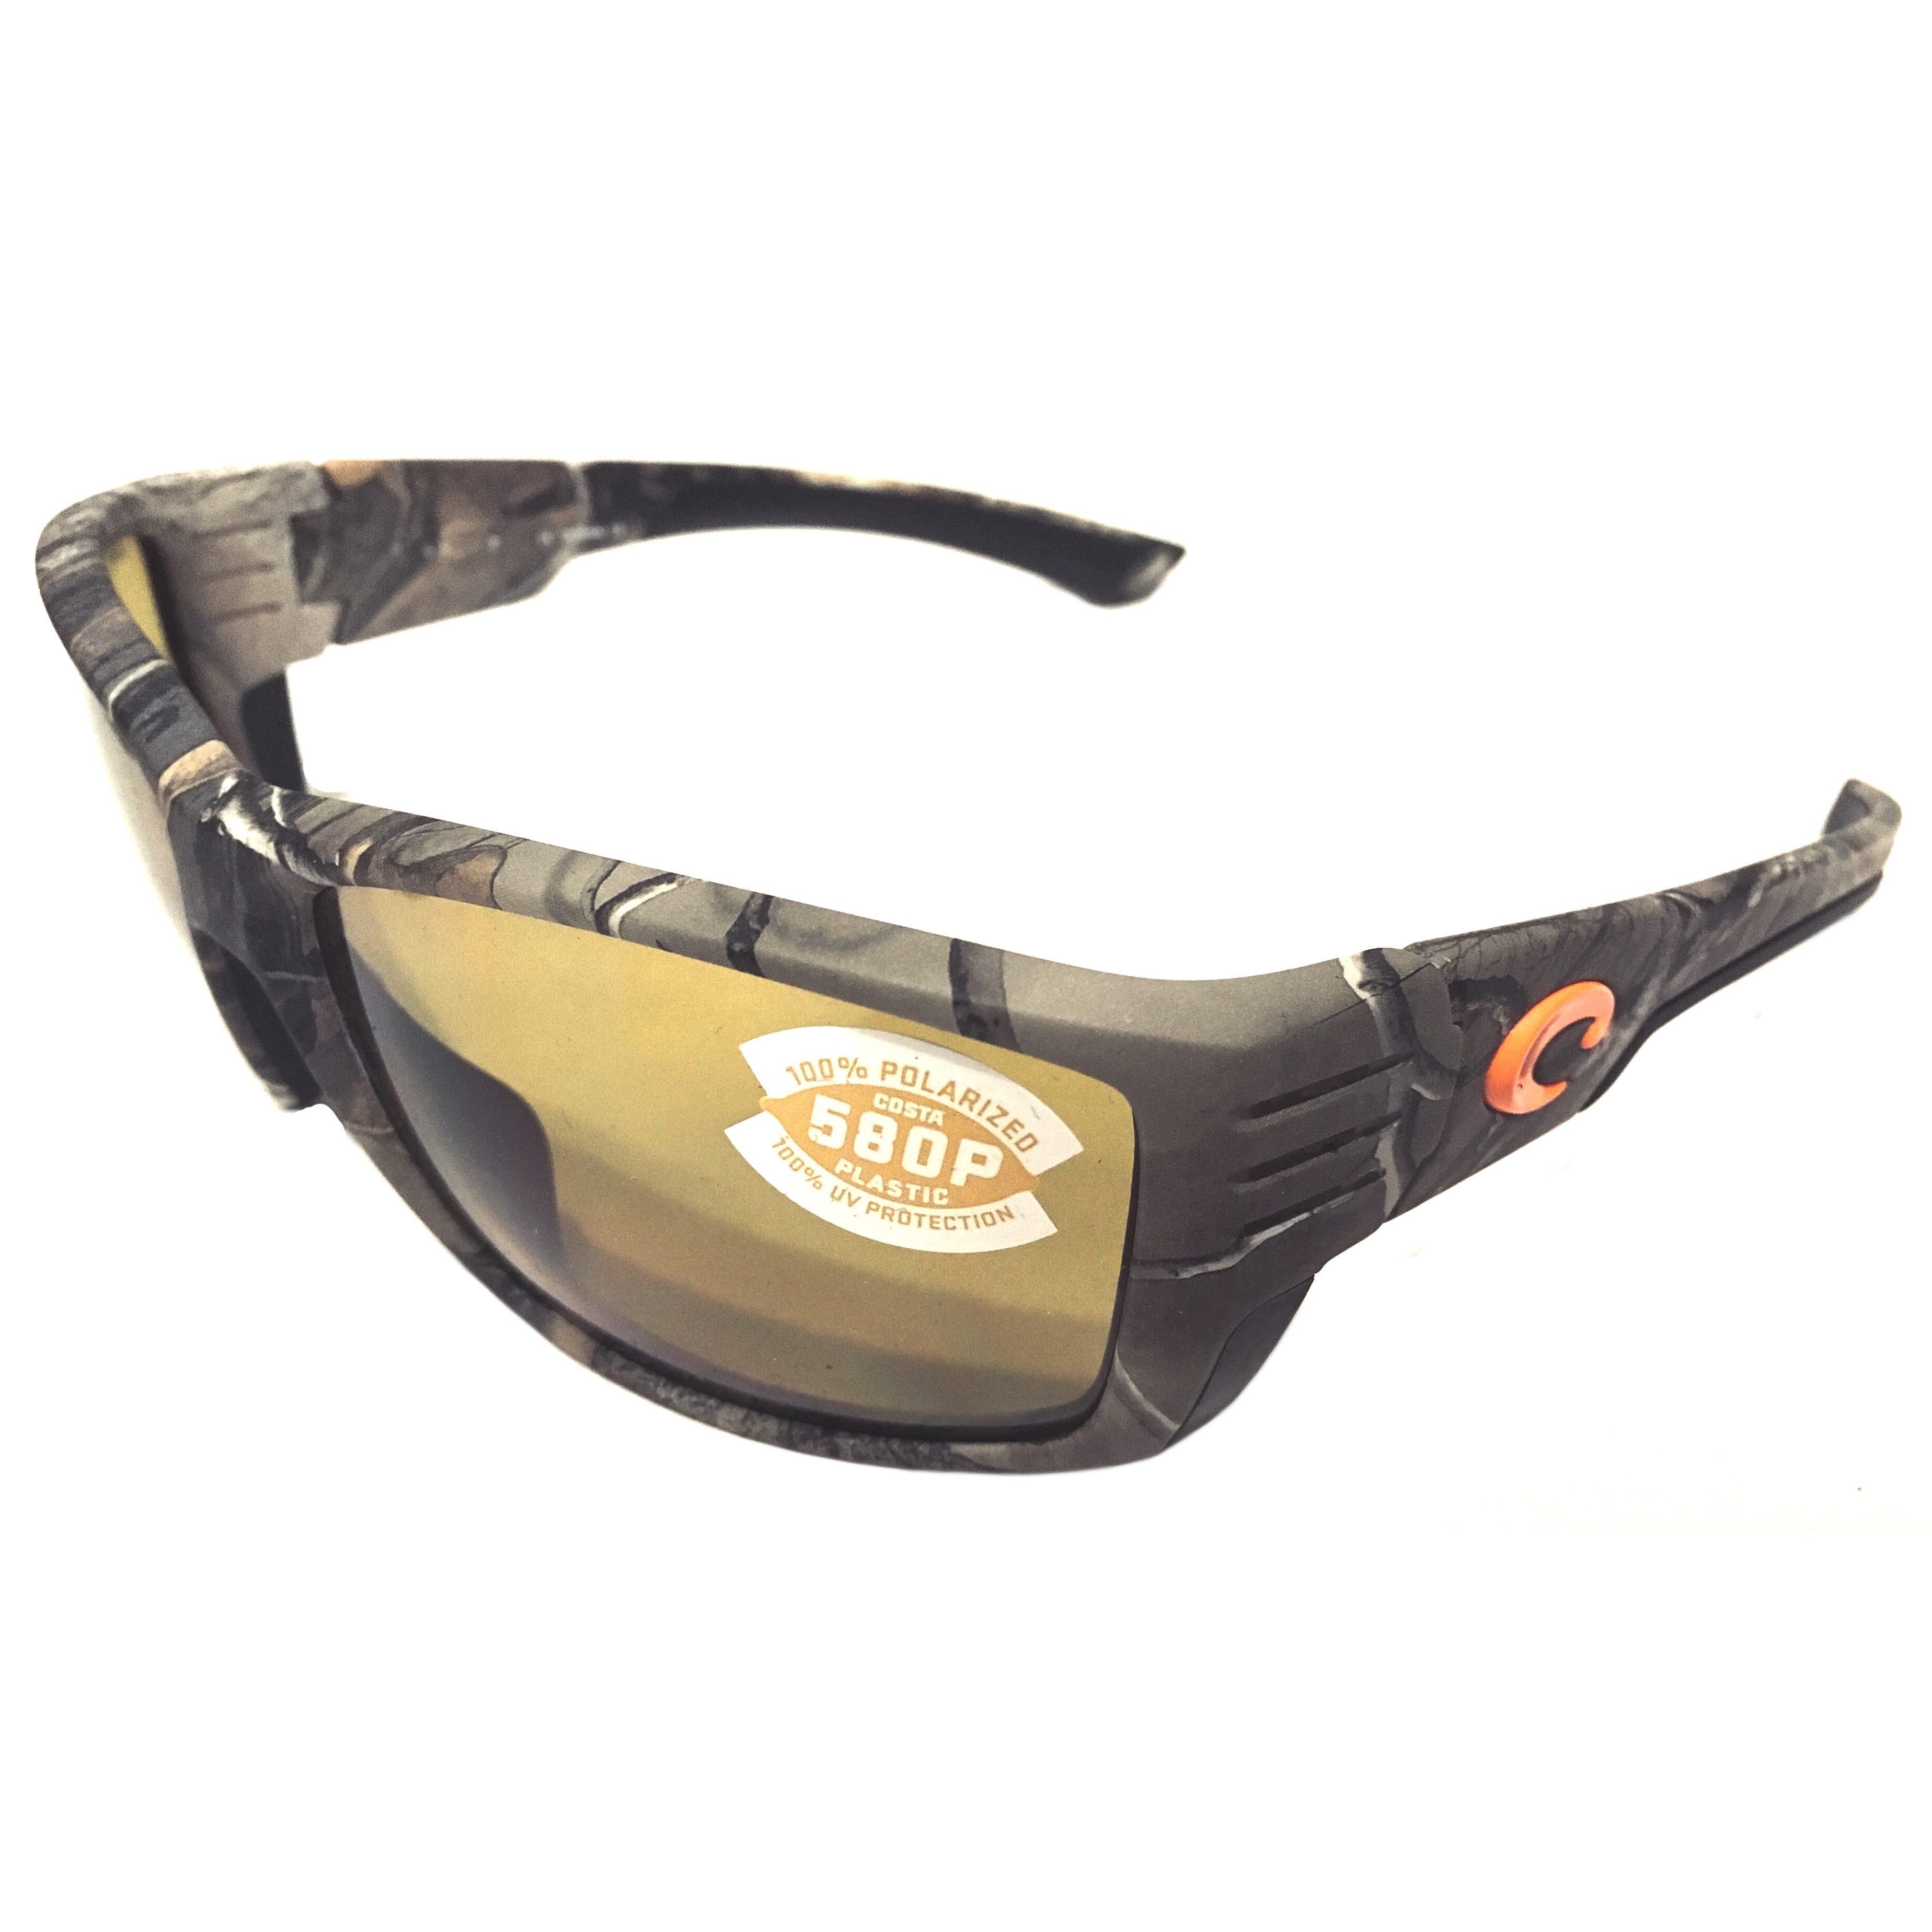 cd477b33f7c Costa Del Mar Cortez Sunglasses Realtree Xtra Camo POLARIZED Sunrise 580P